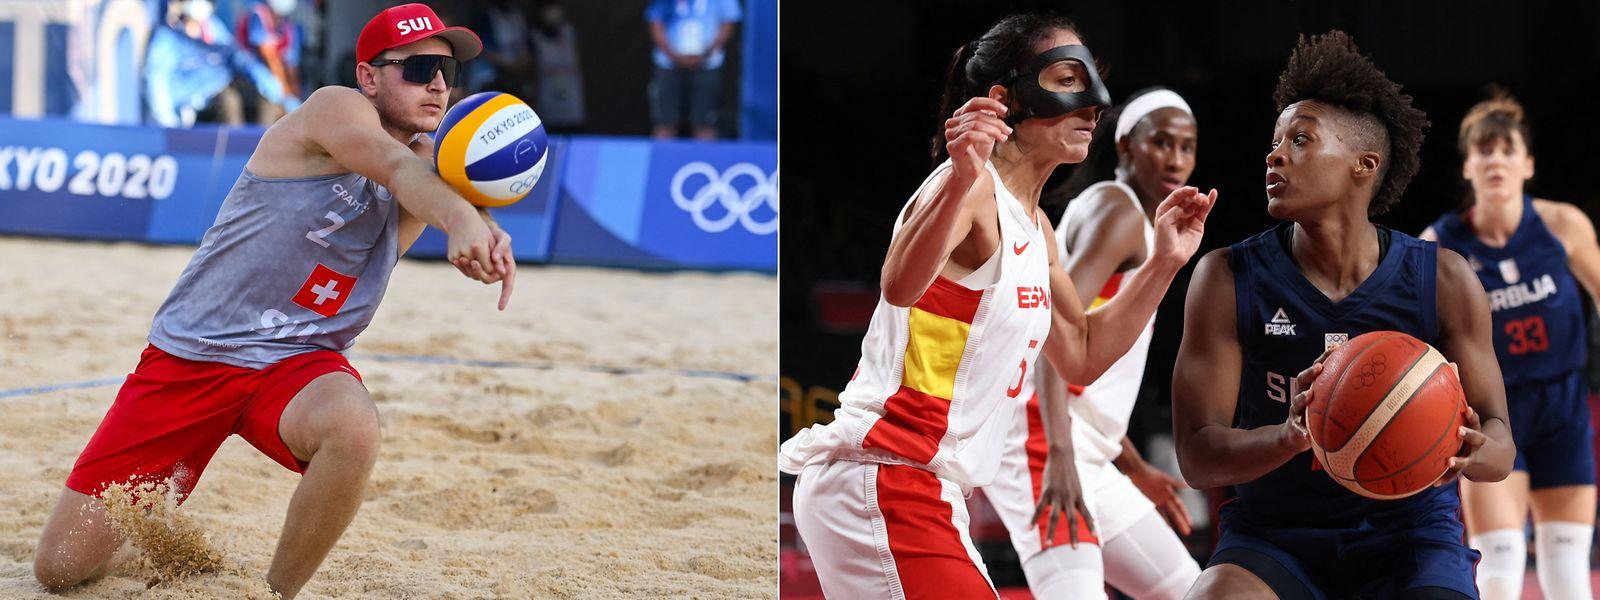 Mirco Gerson und Yvonne Anderson sind in Tokio erstmals bei den Olympischen Spielen dabei.